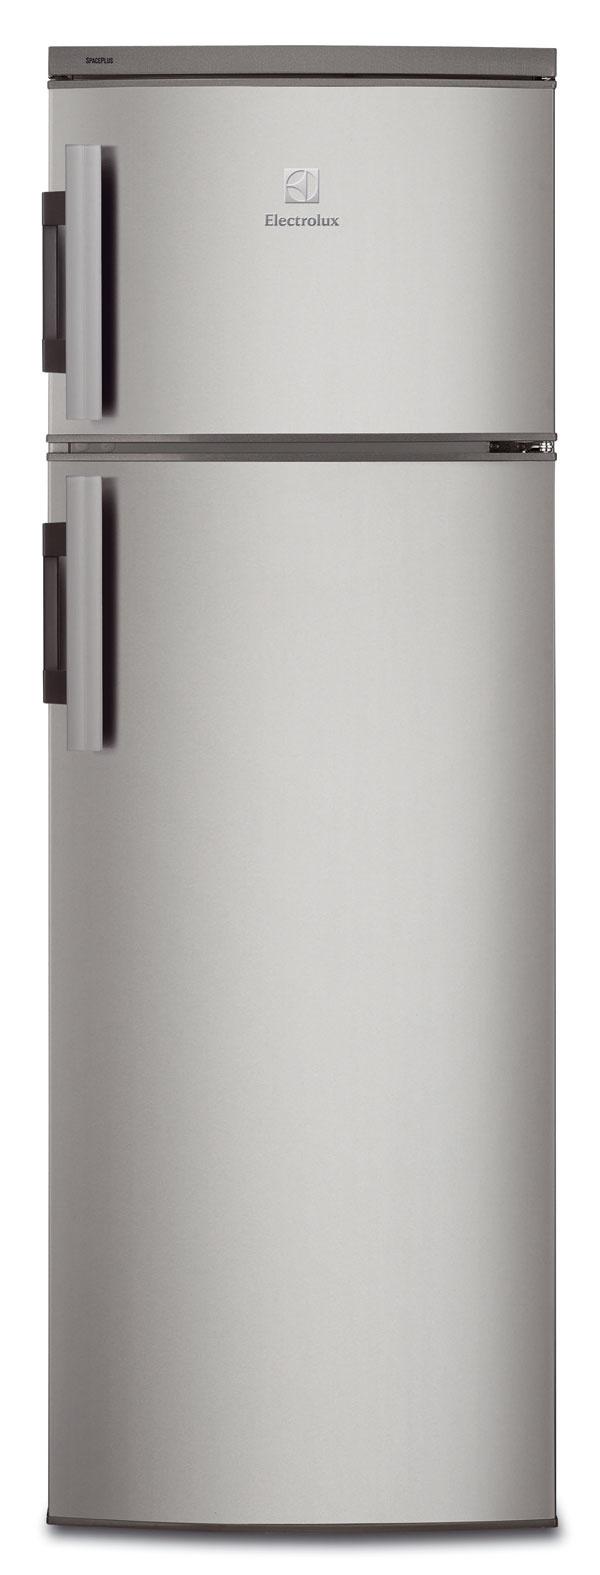 Electrolux EJ2801AOX vatraktívnom antikorovom šate sa bude dobre vynímať vkaždej modernej kuchyni. Ide onetradičnejšie, no rovnako obľúbené vyhotovenie chladničky smrazničkou, ktorá sa nachádza vhornej časti. Mraznička ponúka 44 l priestoru, chladnička 4× toľko. Spotrebič patrí do energetickej triedy A+. Cena 409 €.